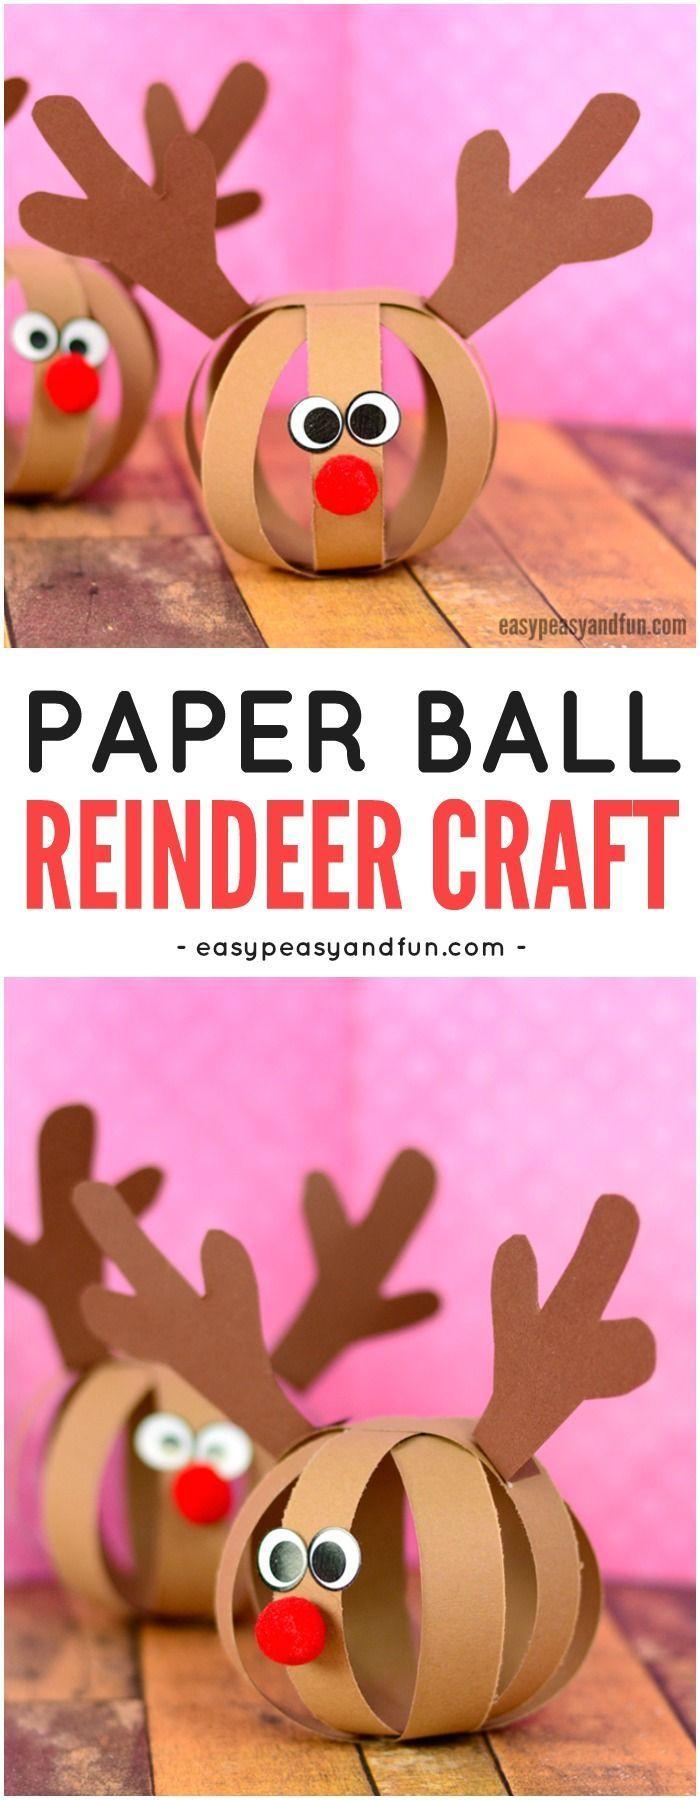 Entzückendes Papierball-Ren-Handwerk. Perfekte Weihnachtshandwerksaktivität für Kinder #musicsongs